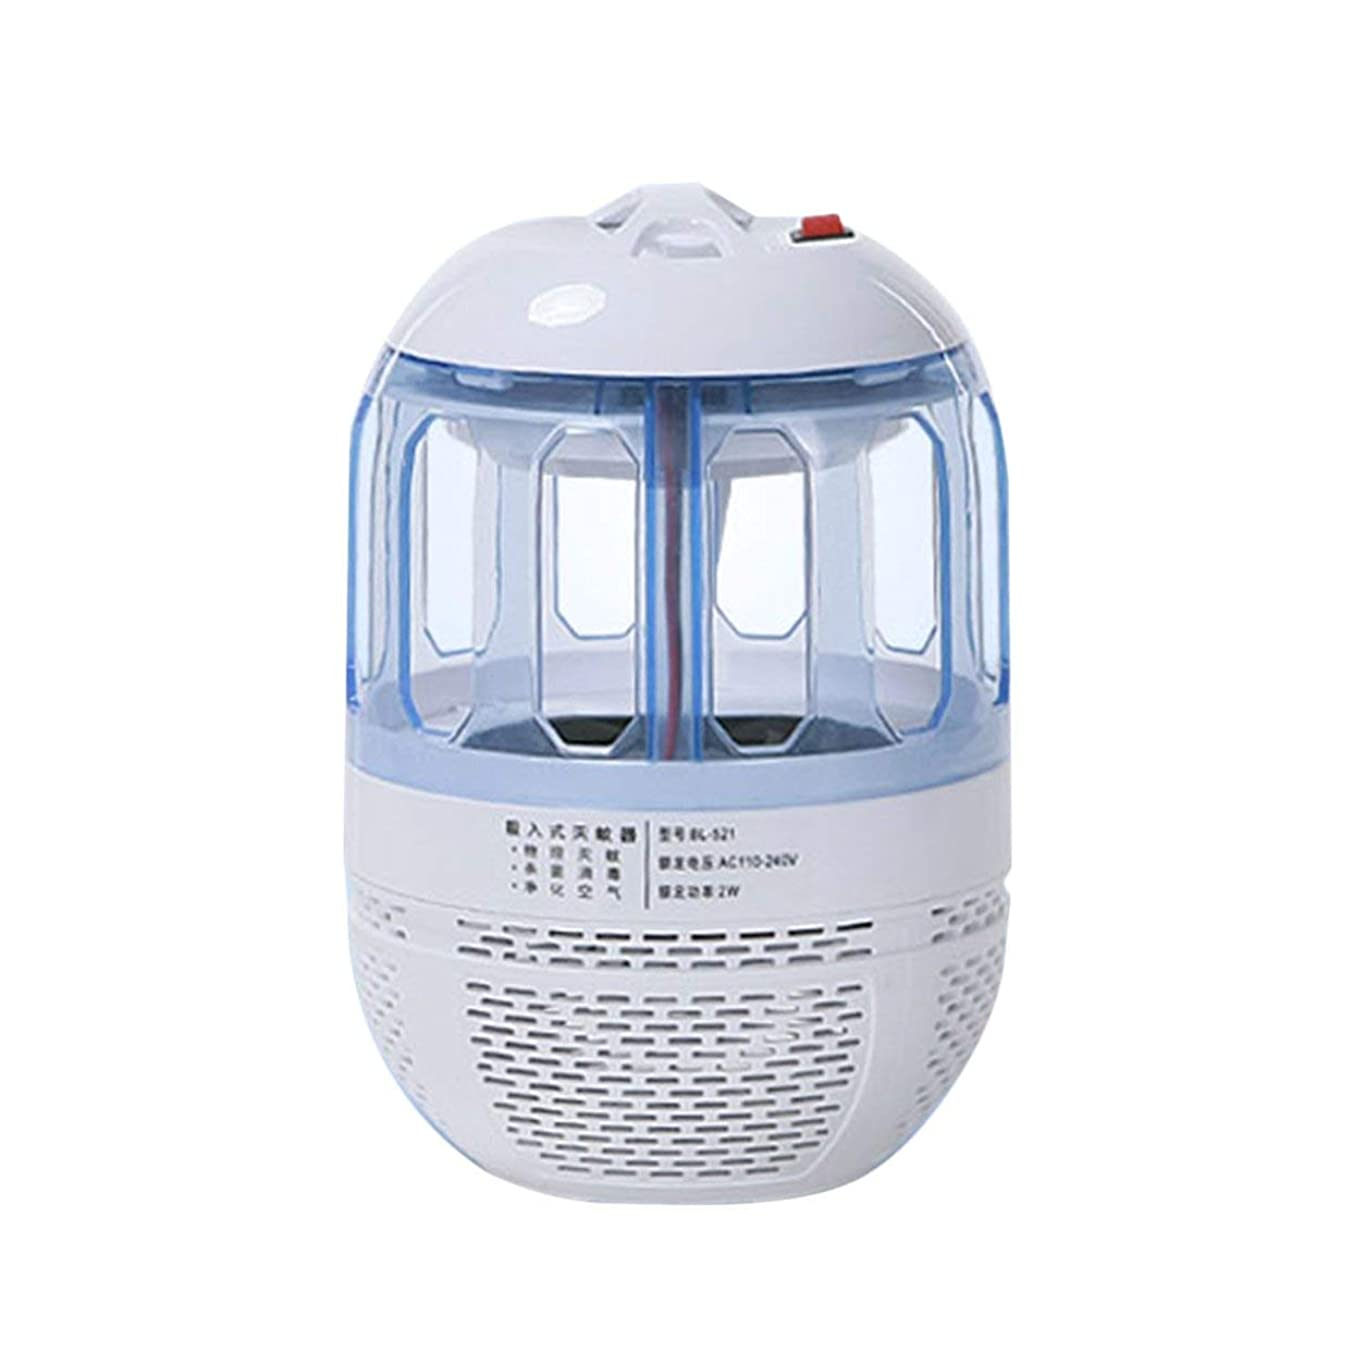 鳴らす悲観的スペイン語Saikogoods 超静音電子モスキートキラー光触媒ライトバグ昆虫キャッチャーUSB電源非放射線モスキートトラップ 白